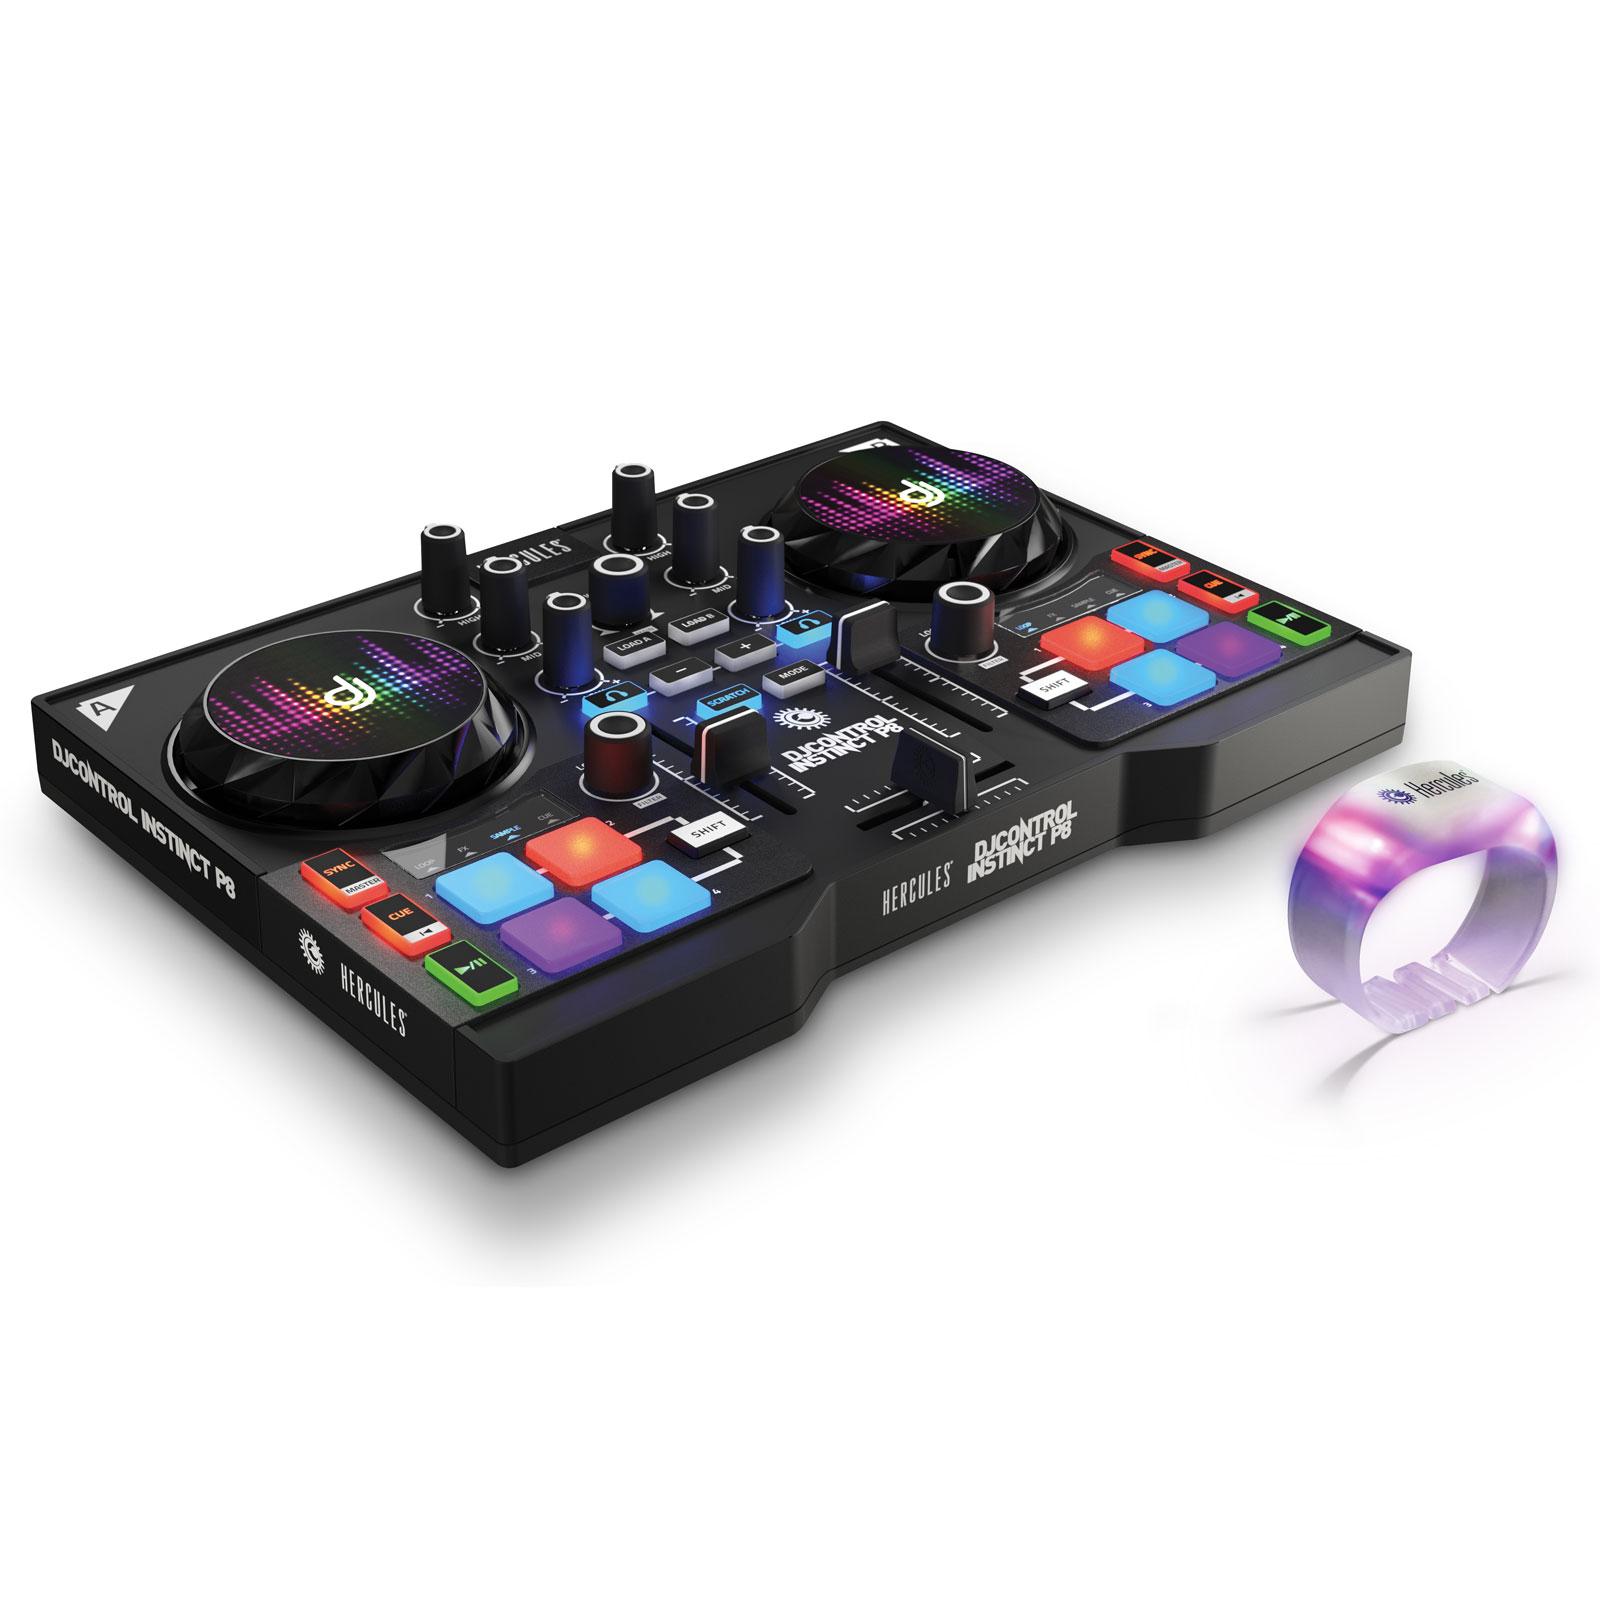 Hercules djcontrol instinct p8 party pack table de - Table de mixage avec carte son integree ...